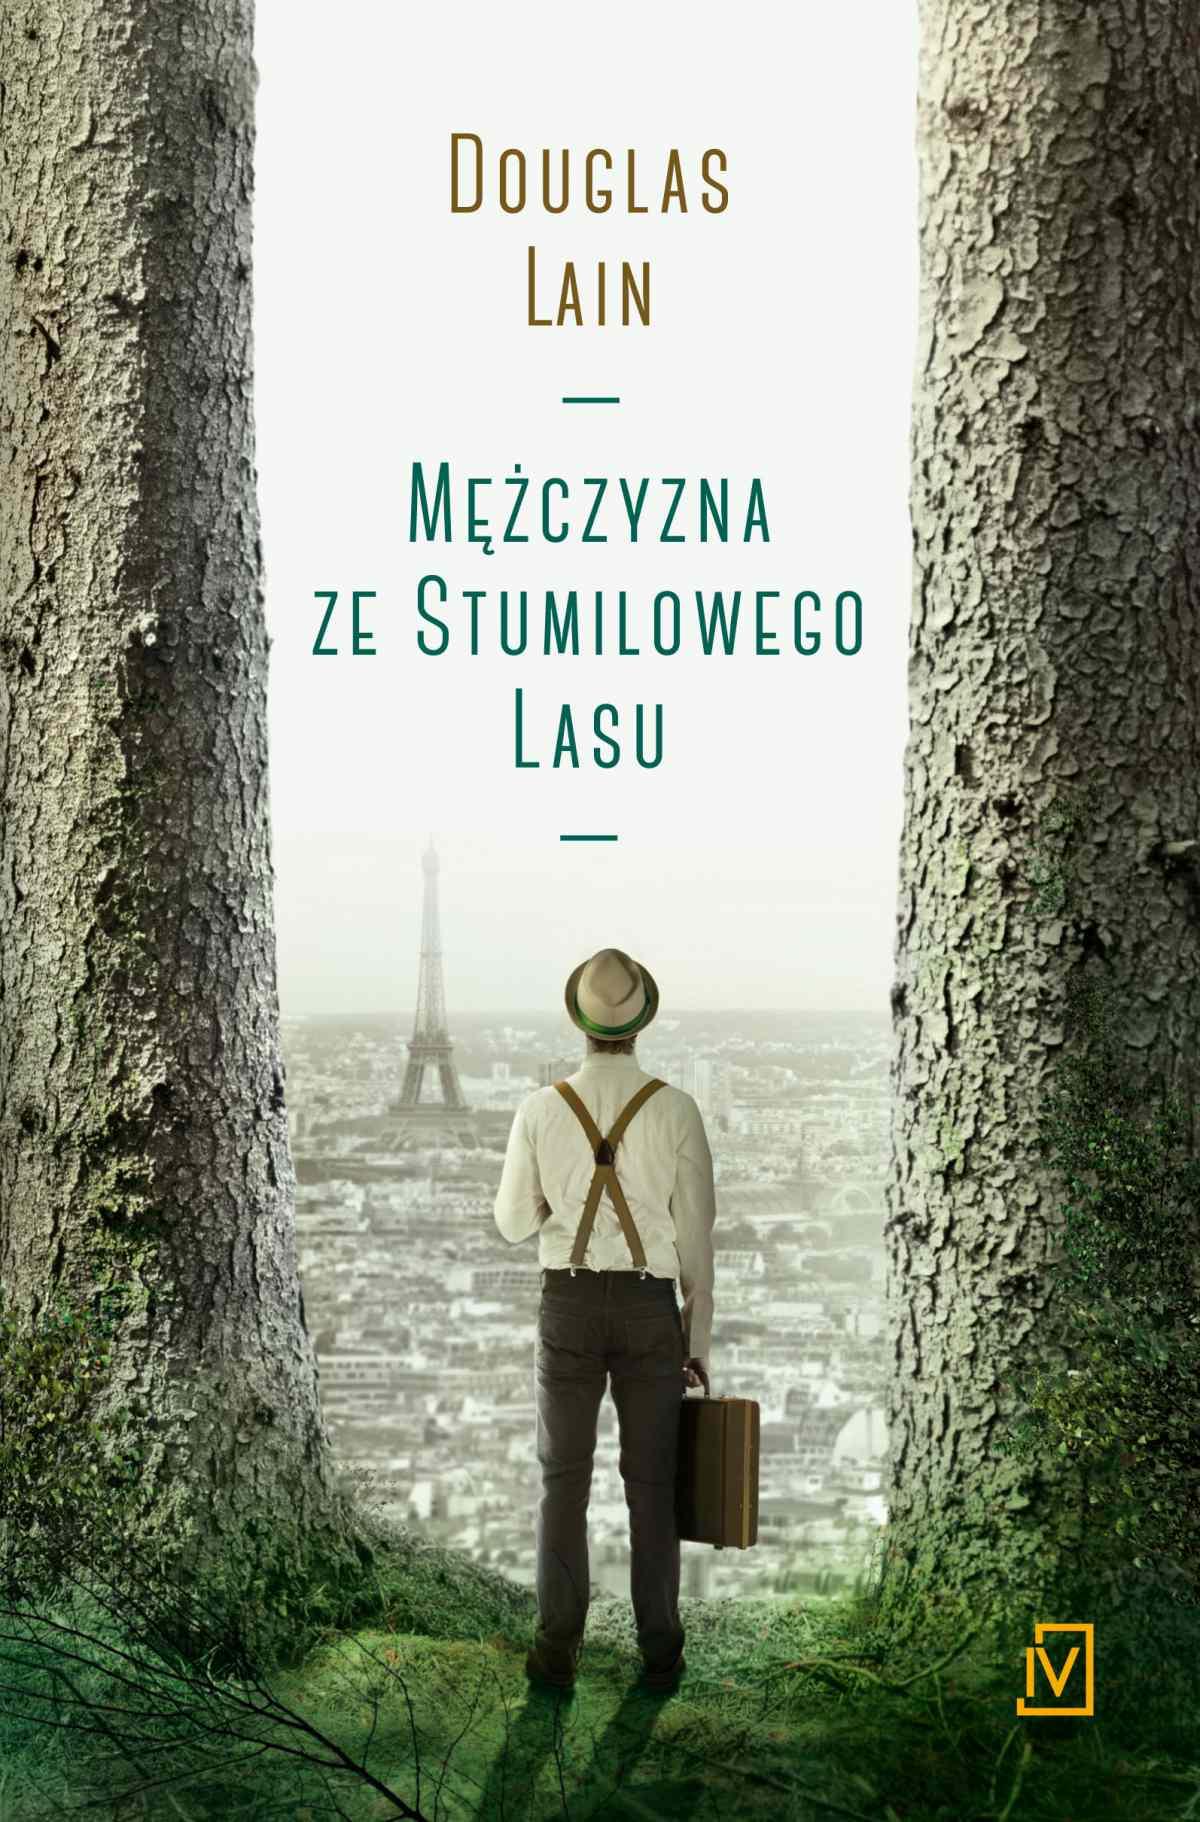 Mężczyzna ze Stumilowego Lasu - Ebook (Książka na Kindle) do pobrania w formacie MOBI